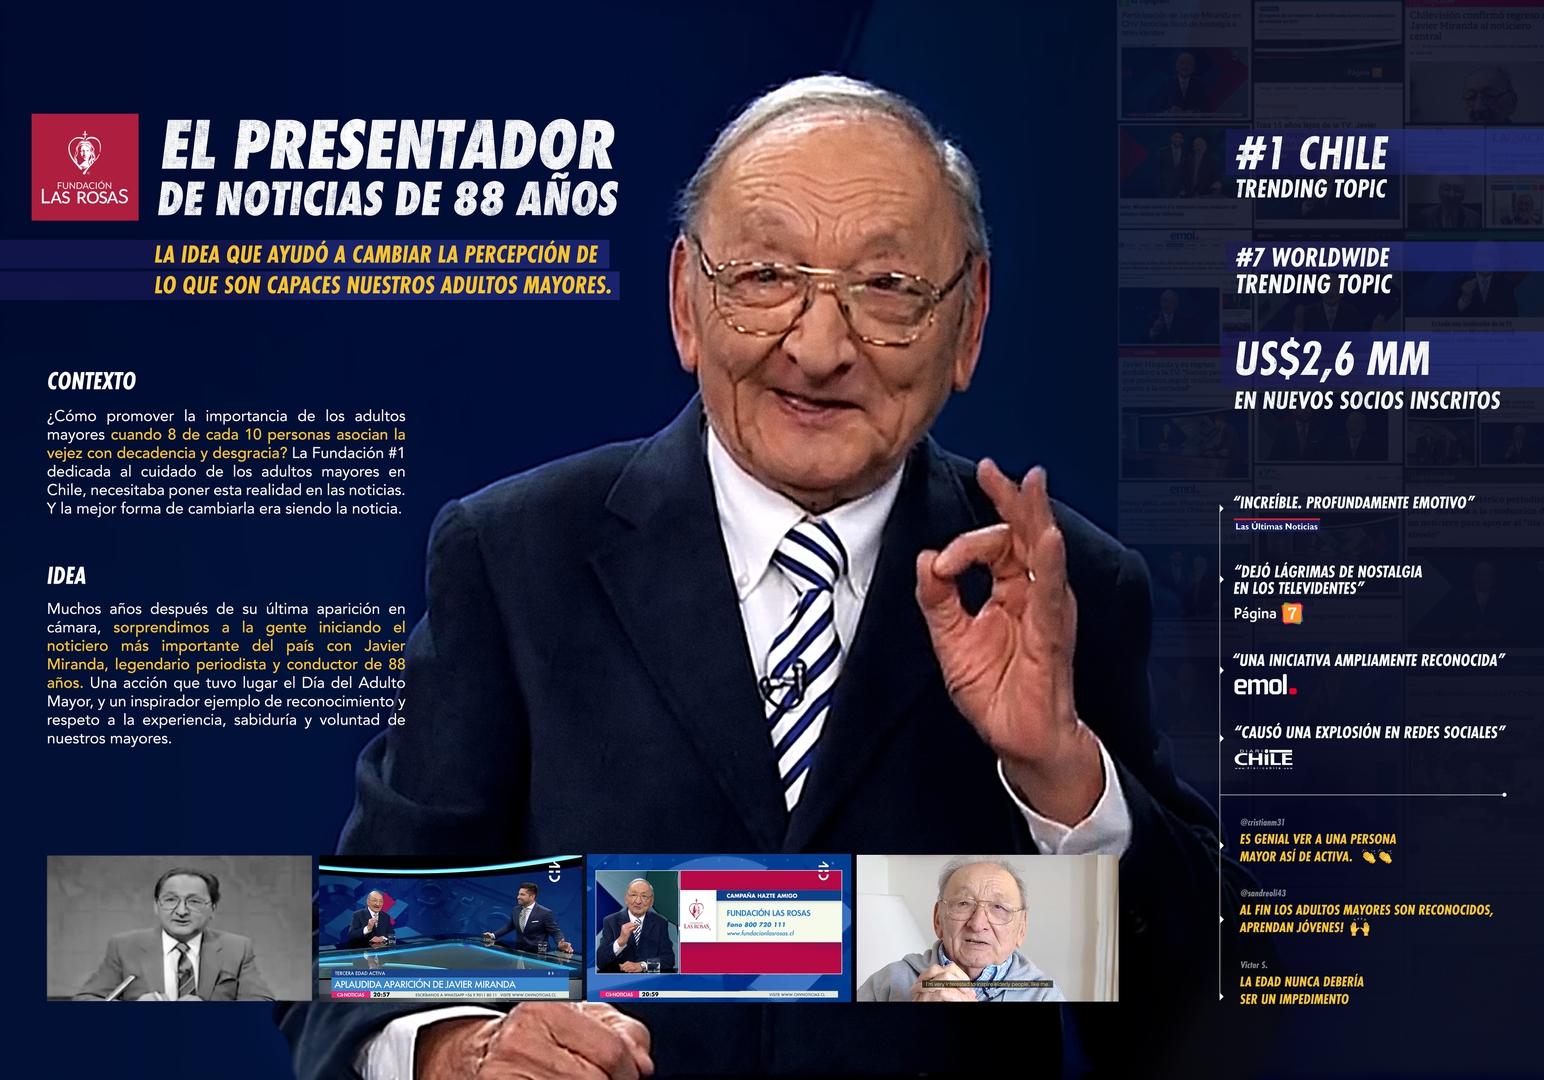 El presentador de noticias de 88 años